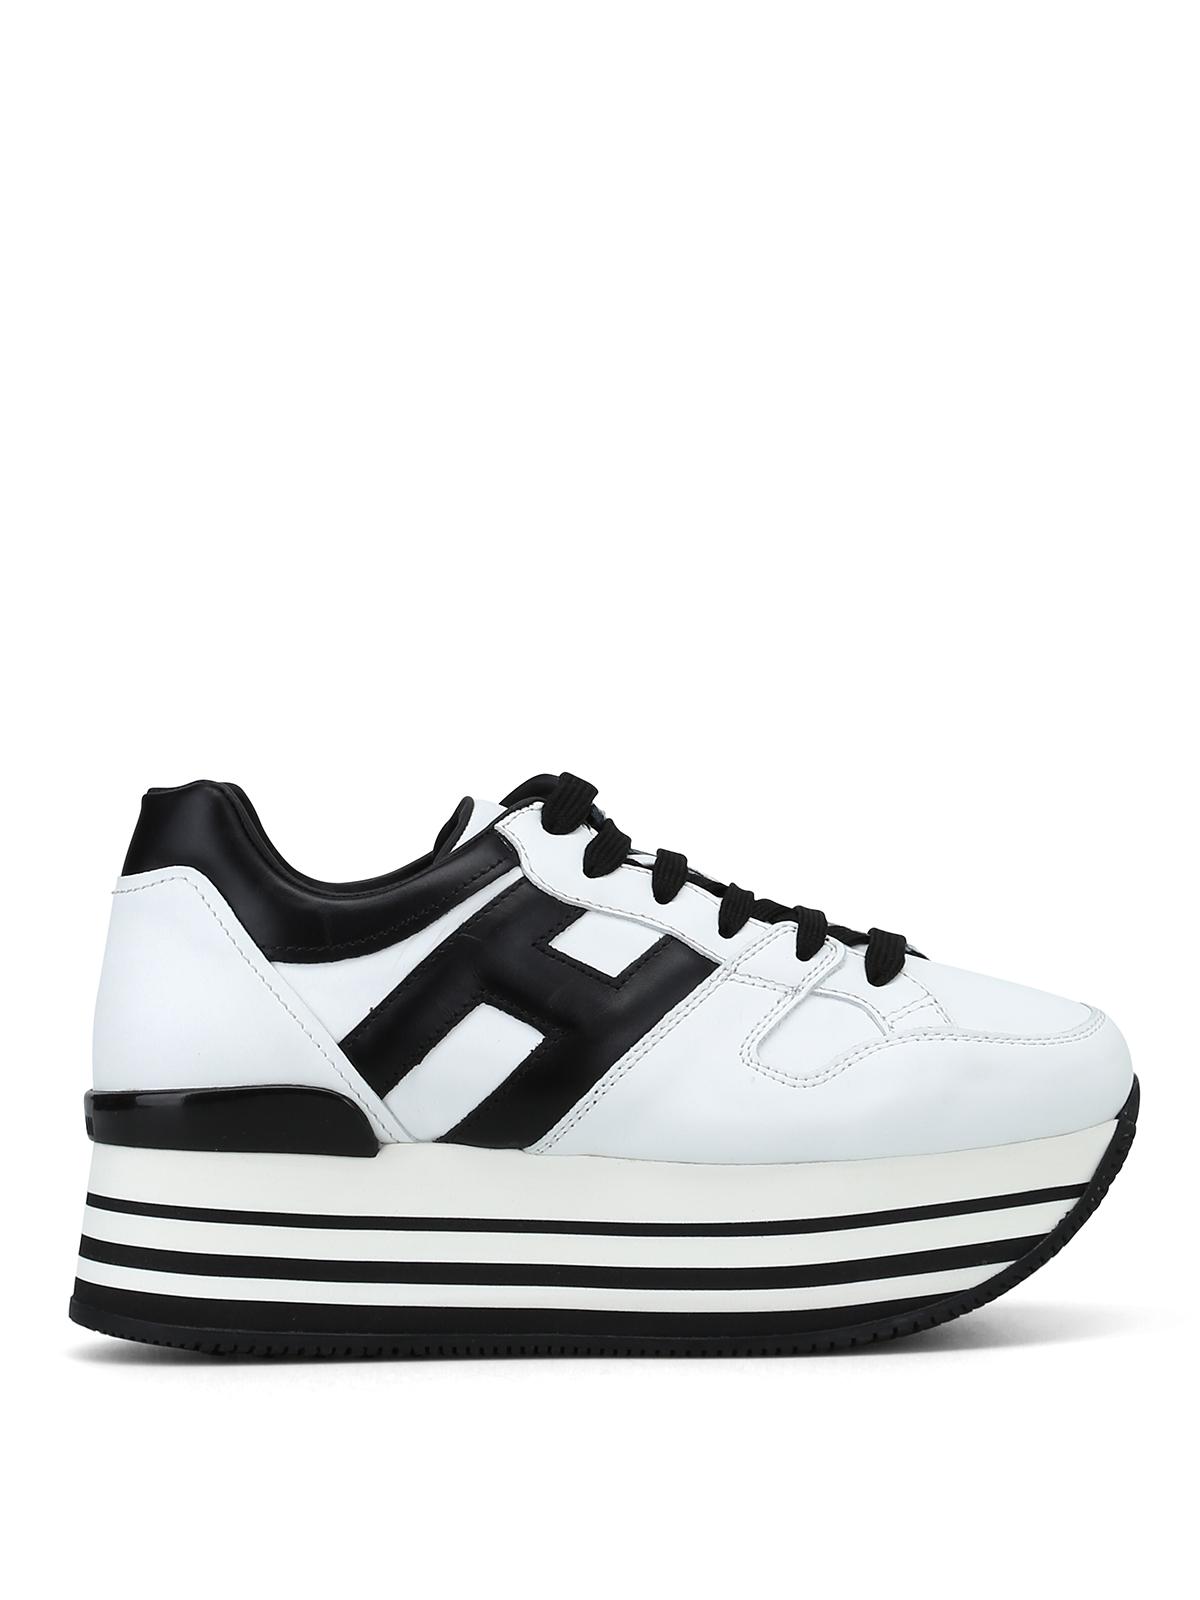 Sneakers Hogan - Sneaker bianche e nere H283 in pelle ...